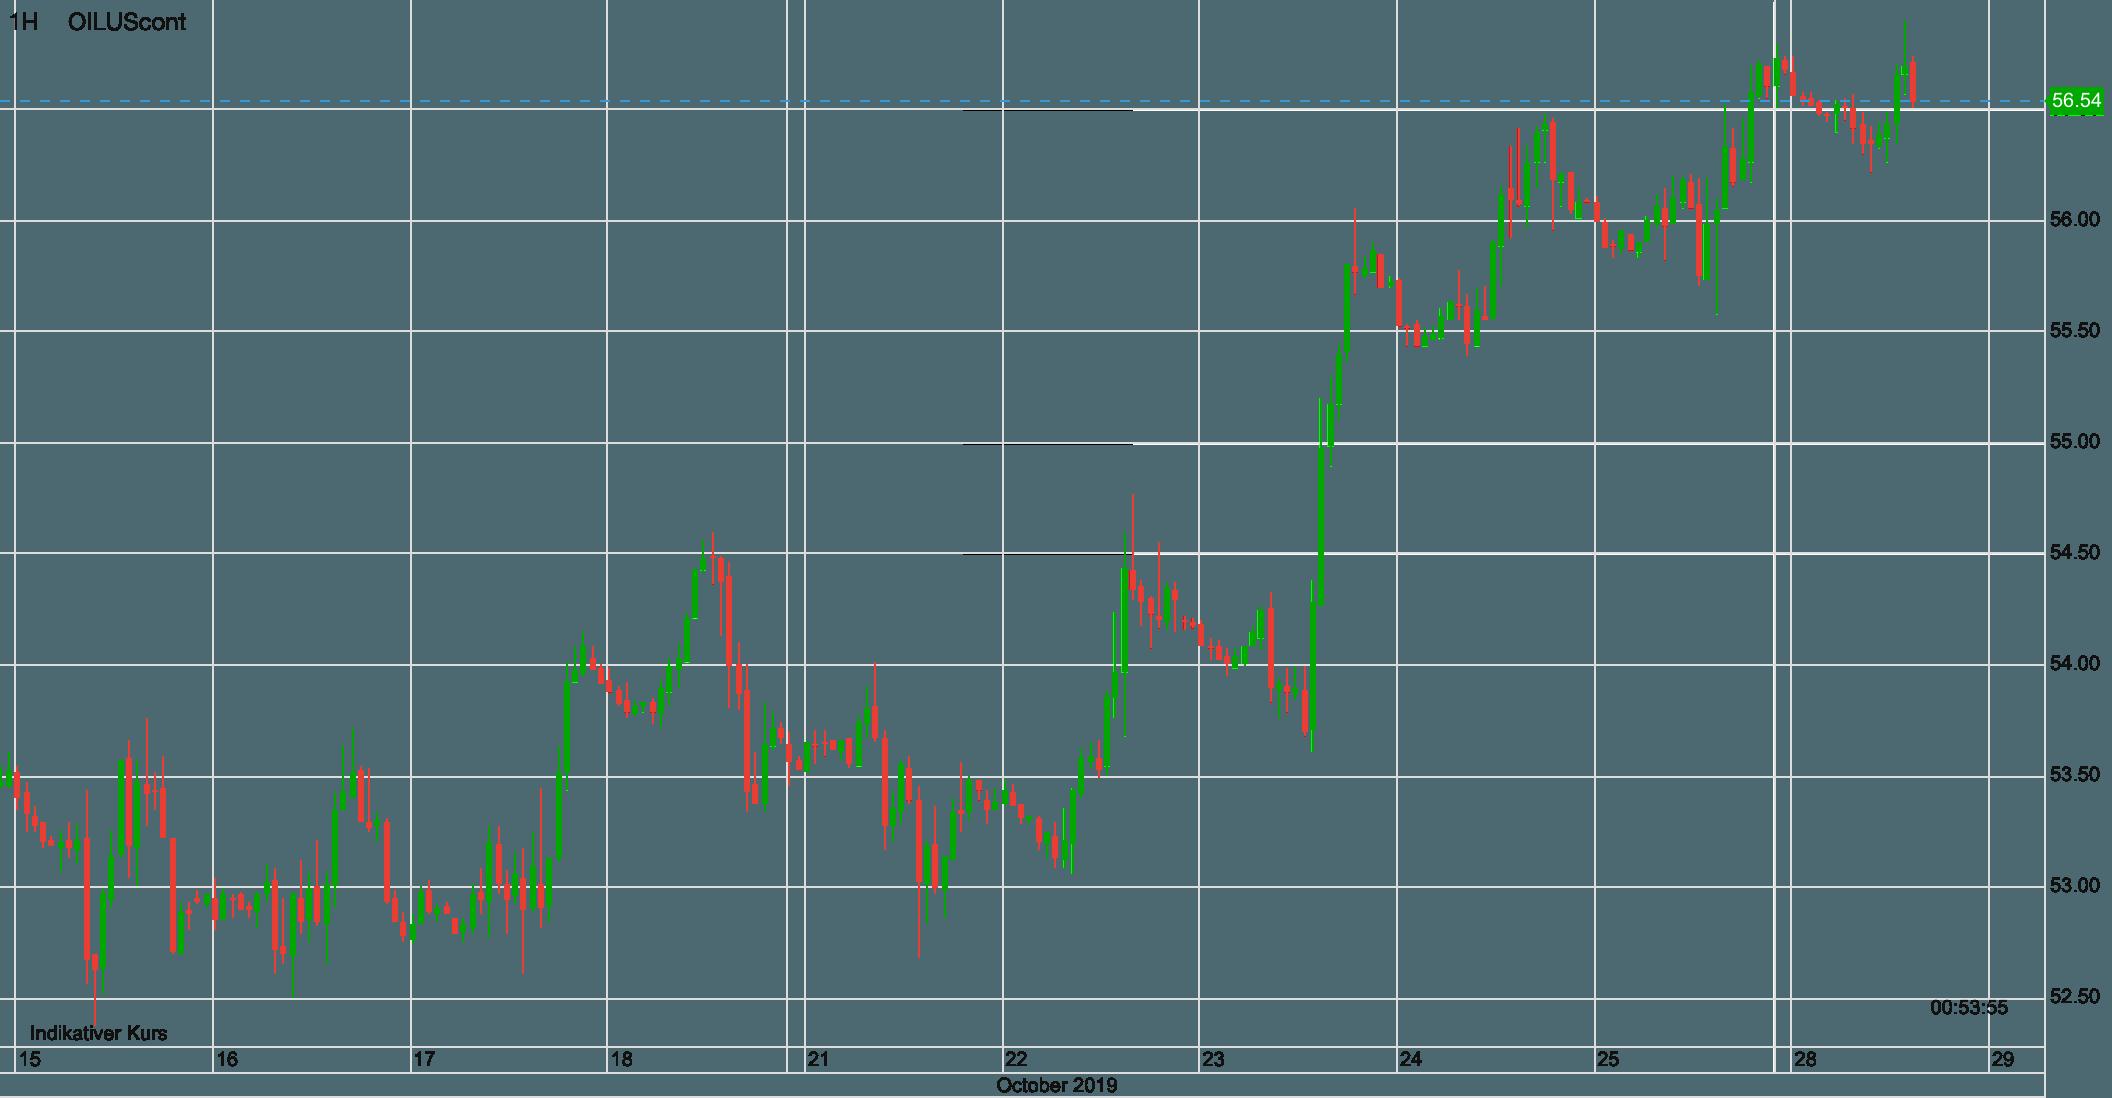 Ölpreis WTI seit dem 15. Oktober